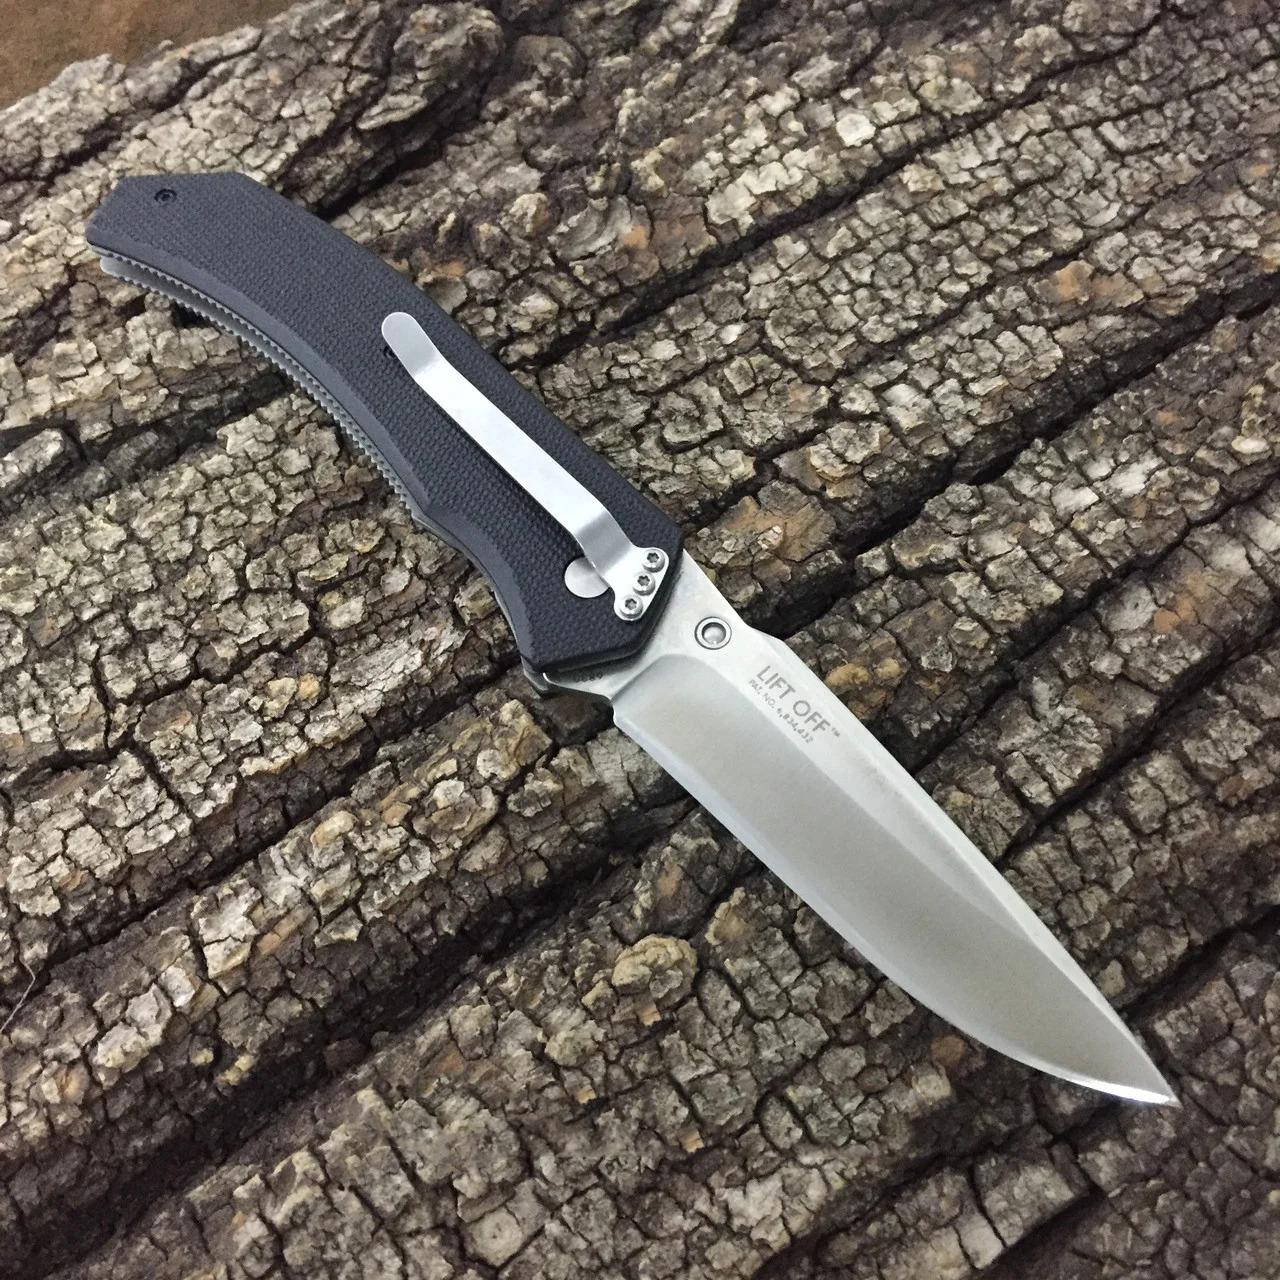 Фото 11 - Полуавтоматический складной нож Lift Off, CRKT 6830, сталь AUS-8, рукоять термопластик Zytel®/сталь